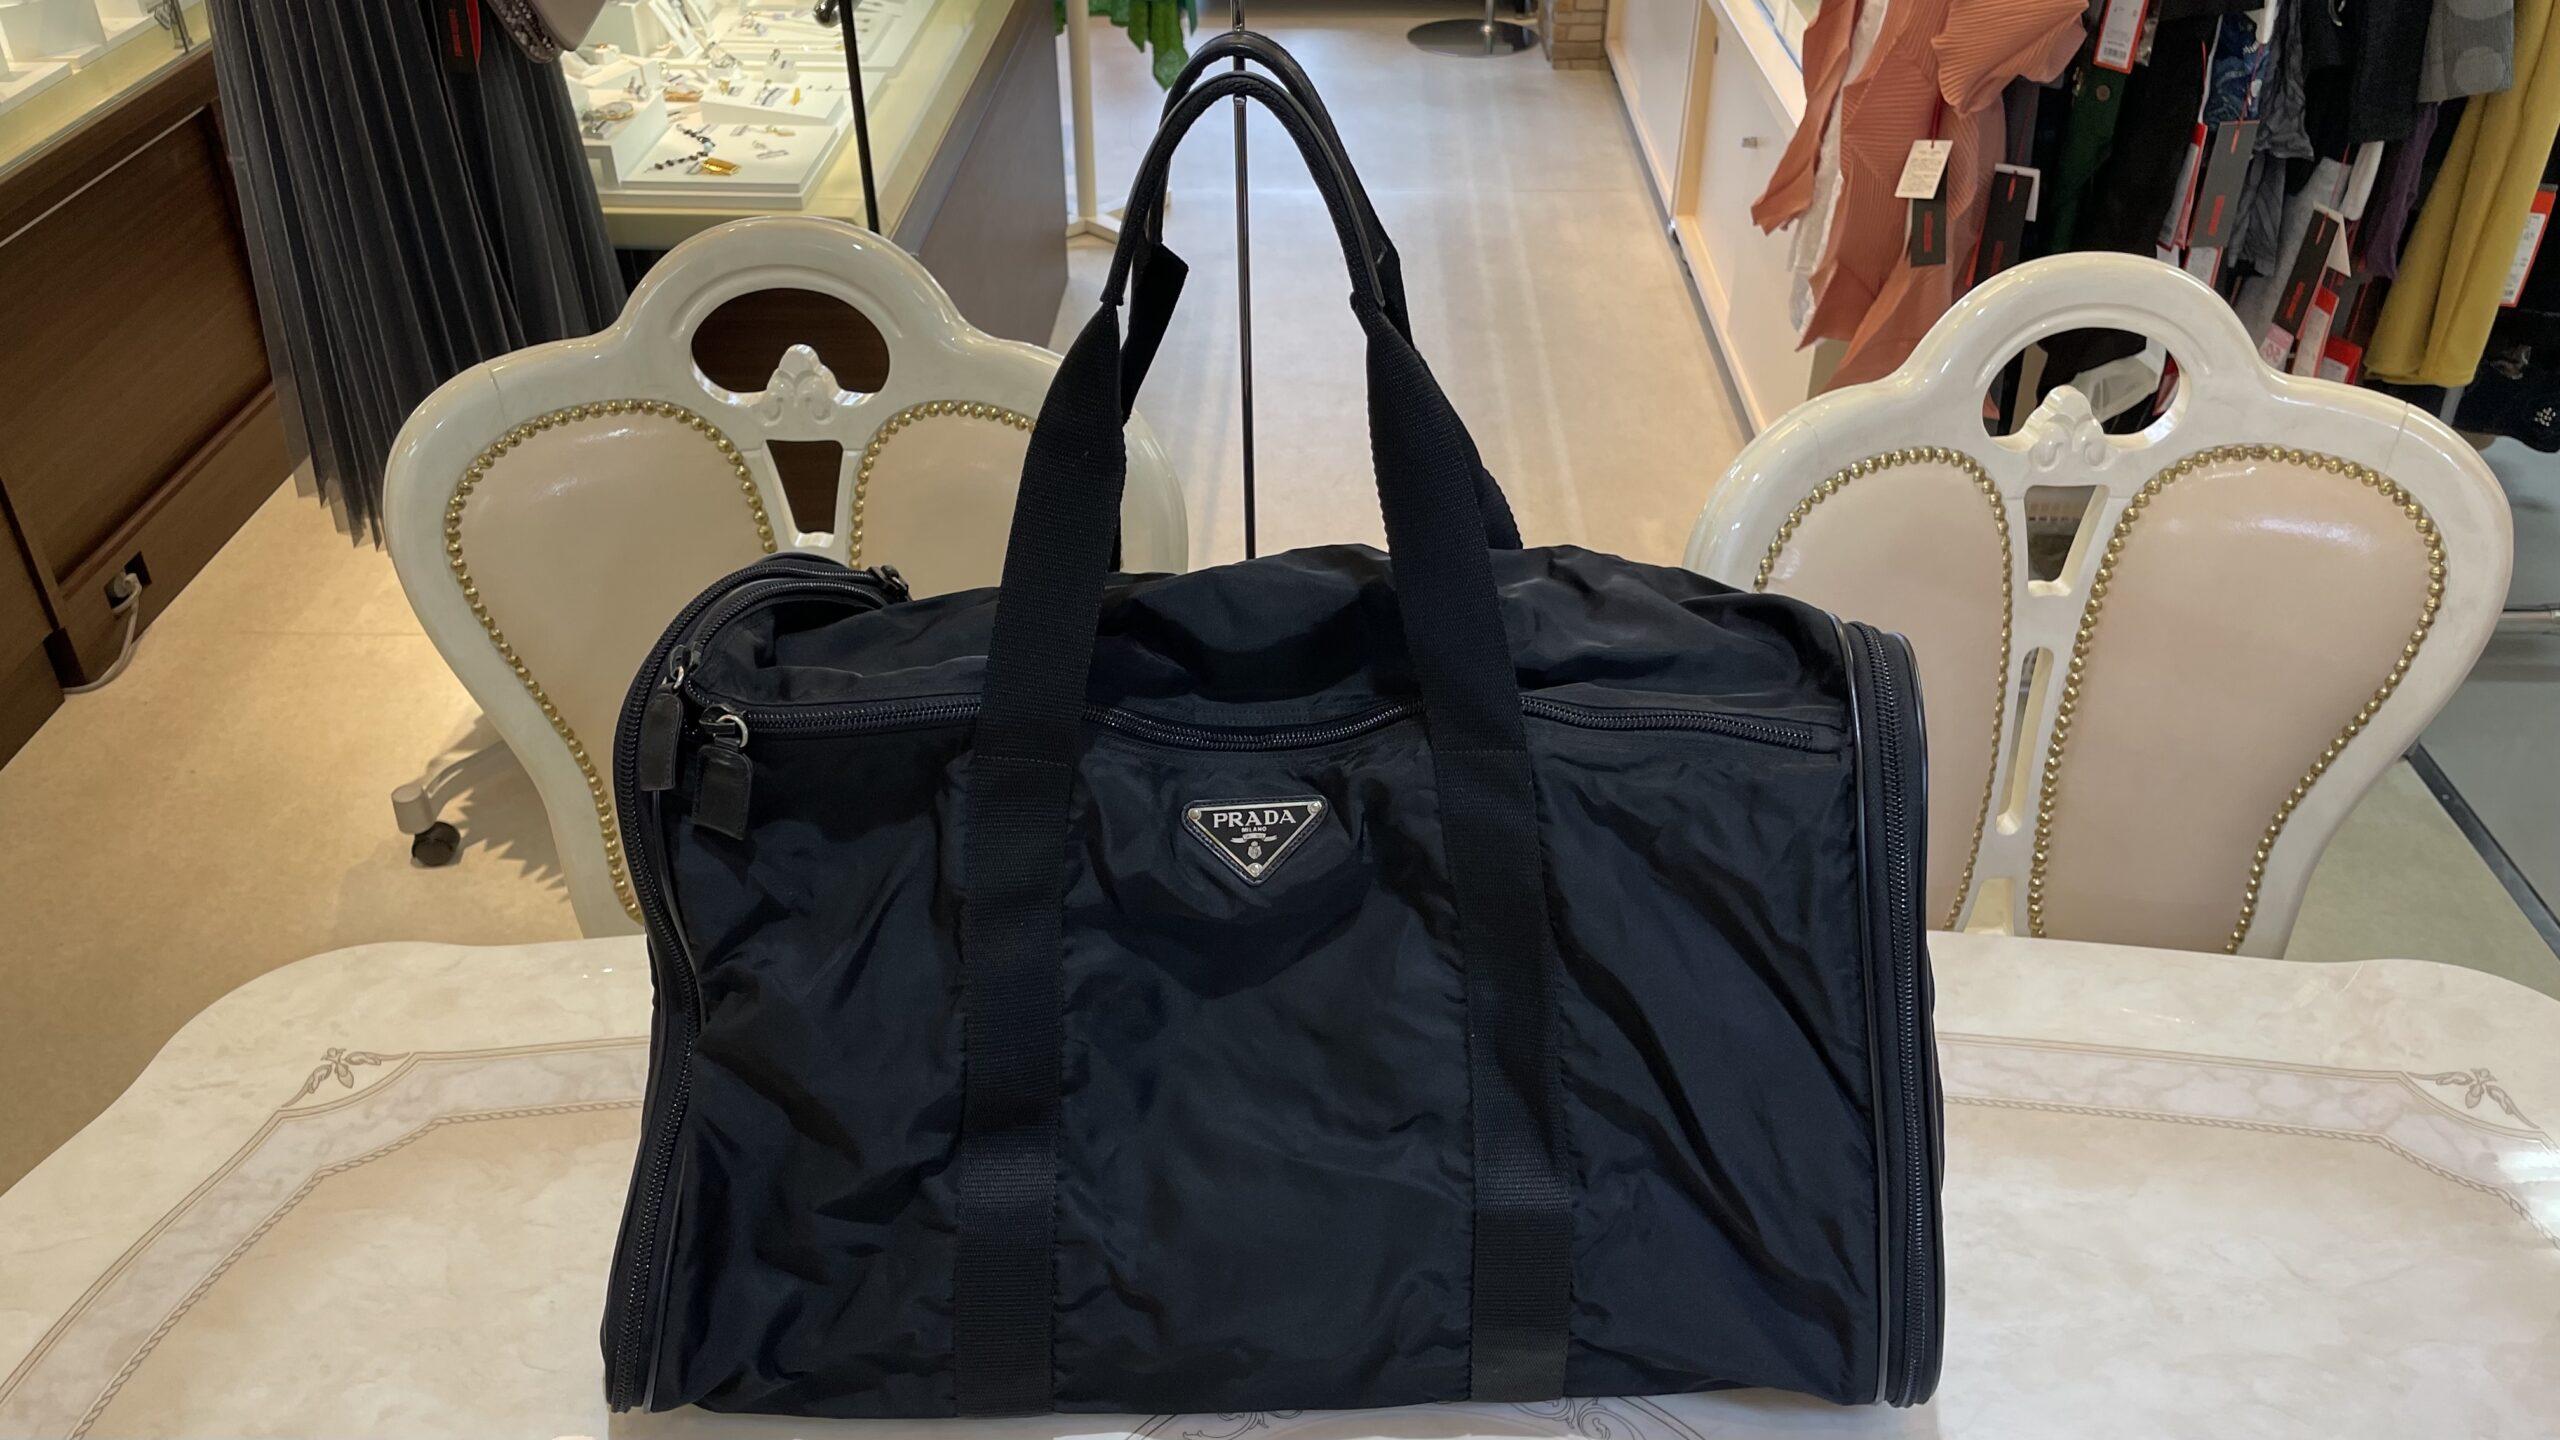 【買取速報】ブランドバッグ、PRADA-2021-03-20